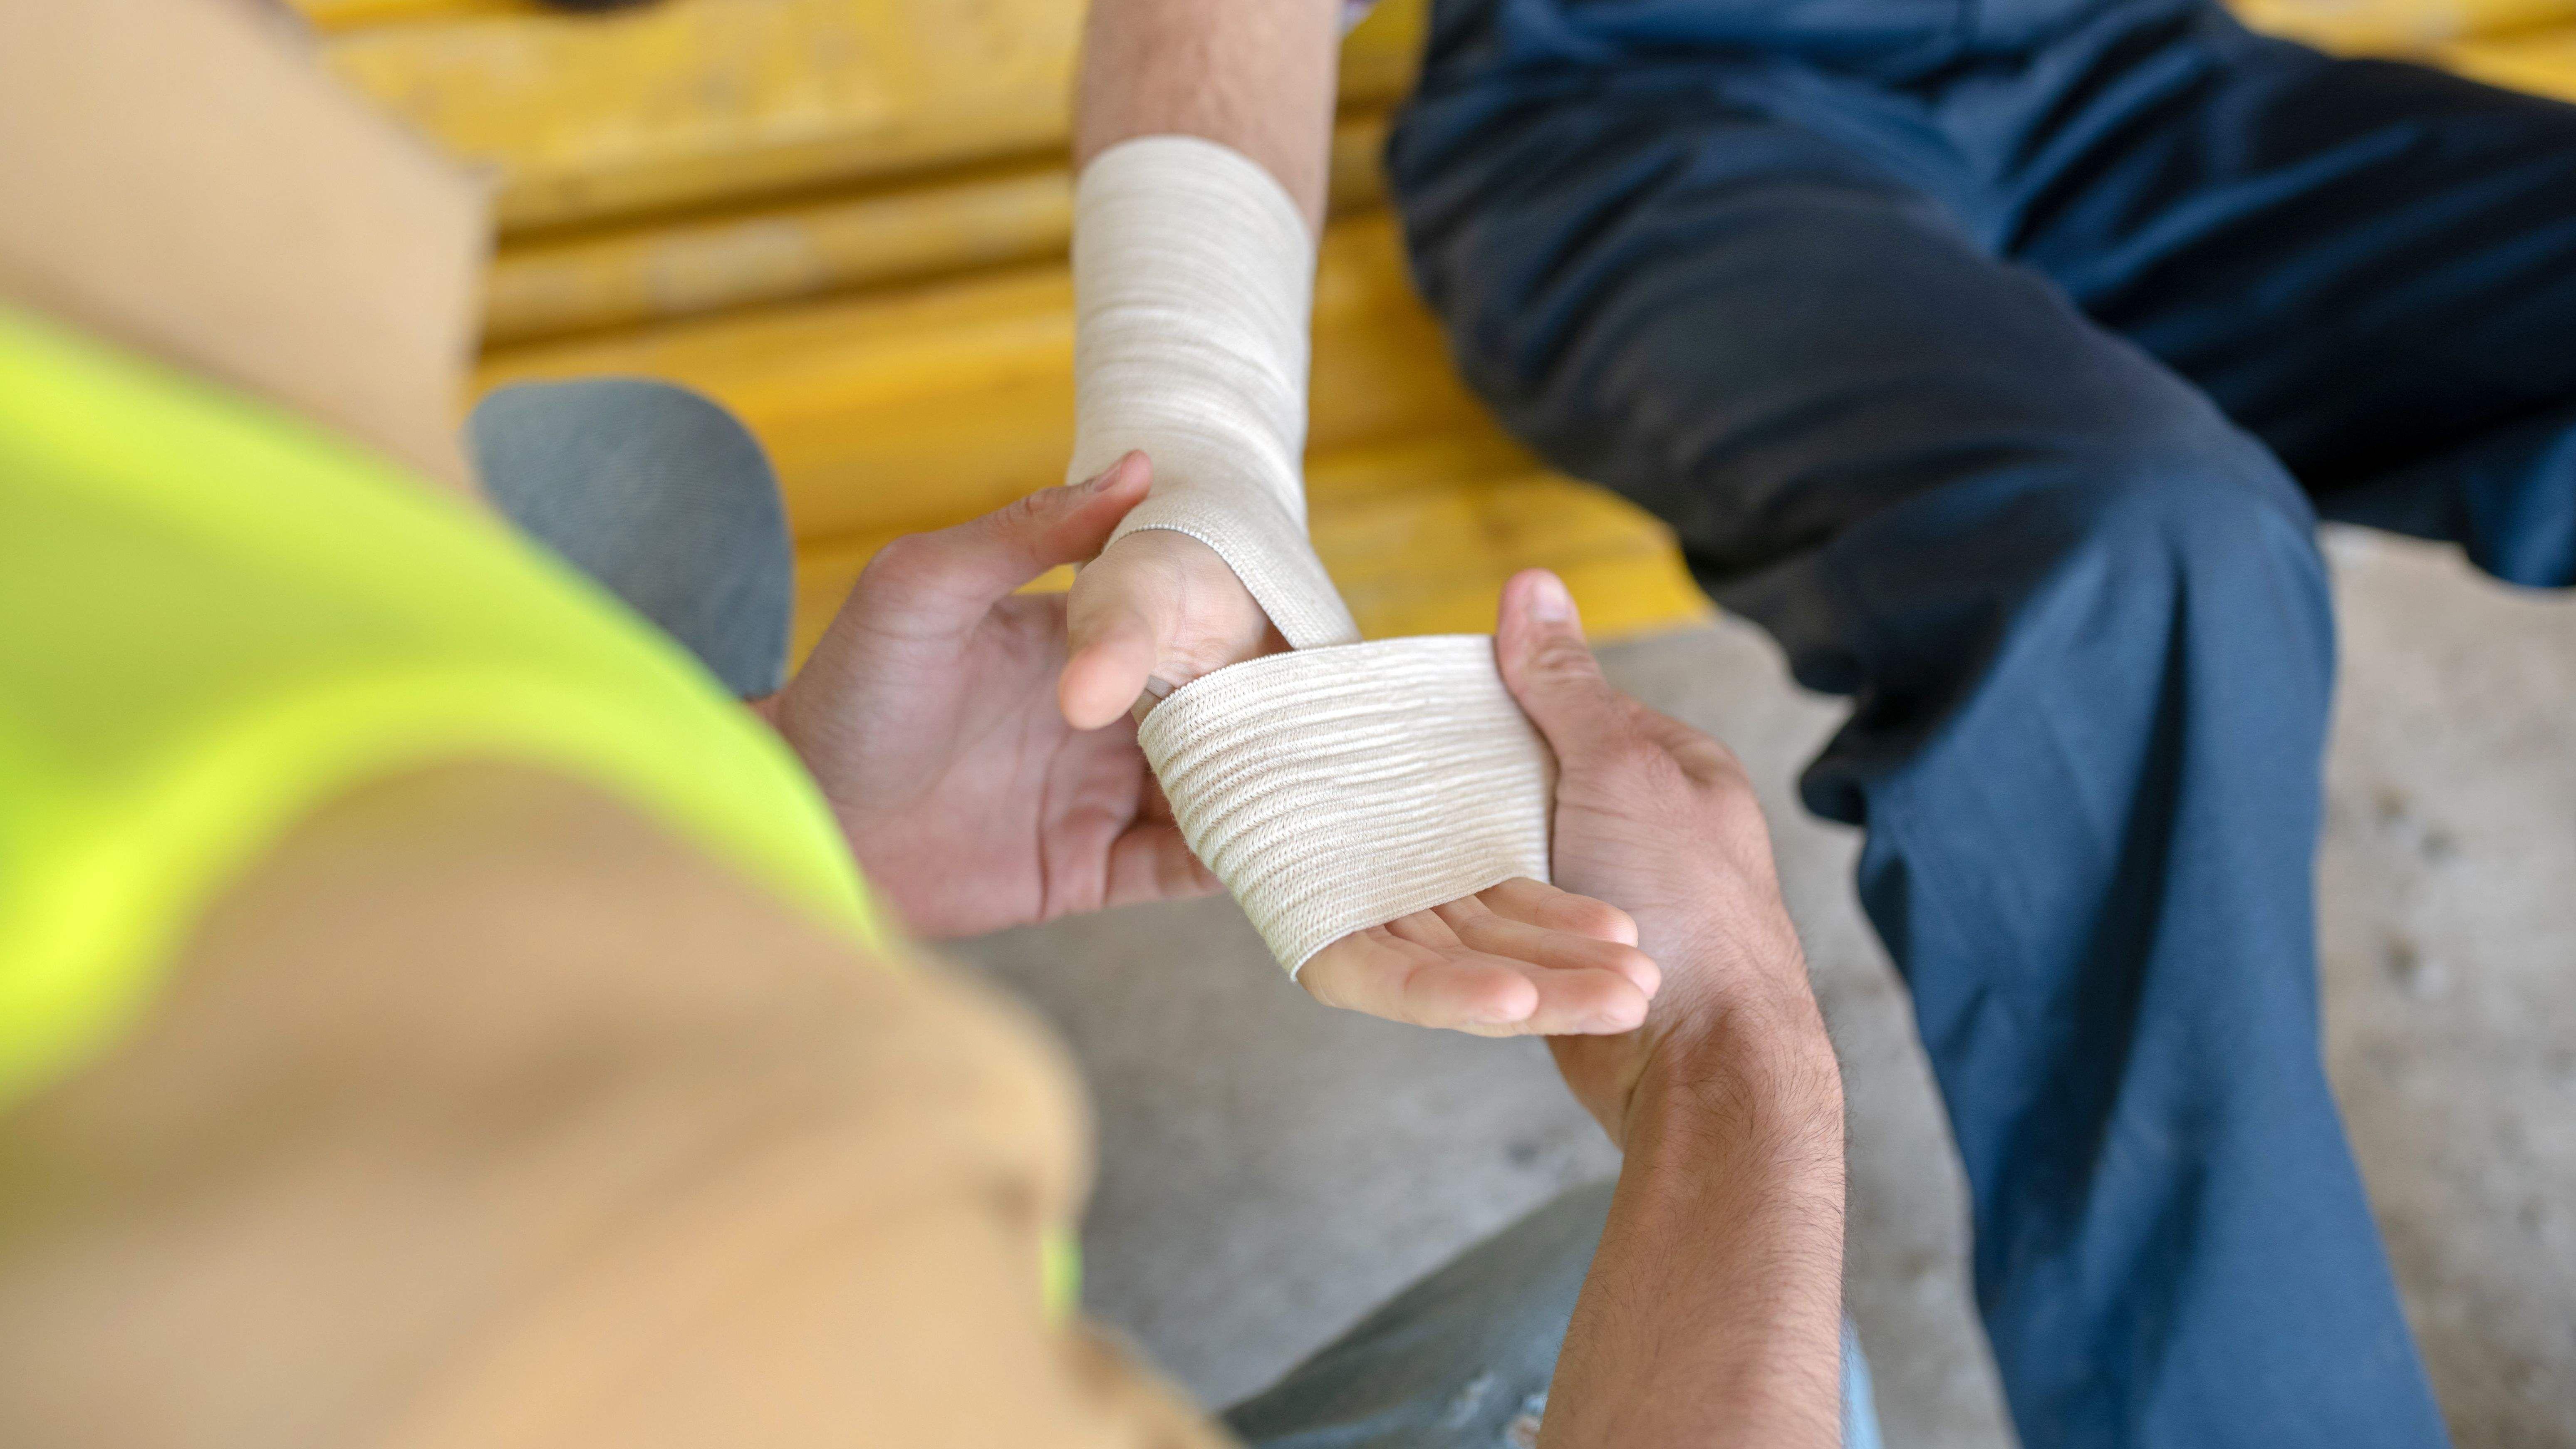 Quali sono le principali cause di incidenti sul lavoro